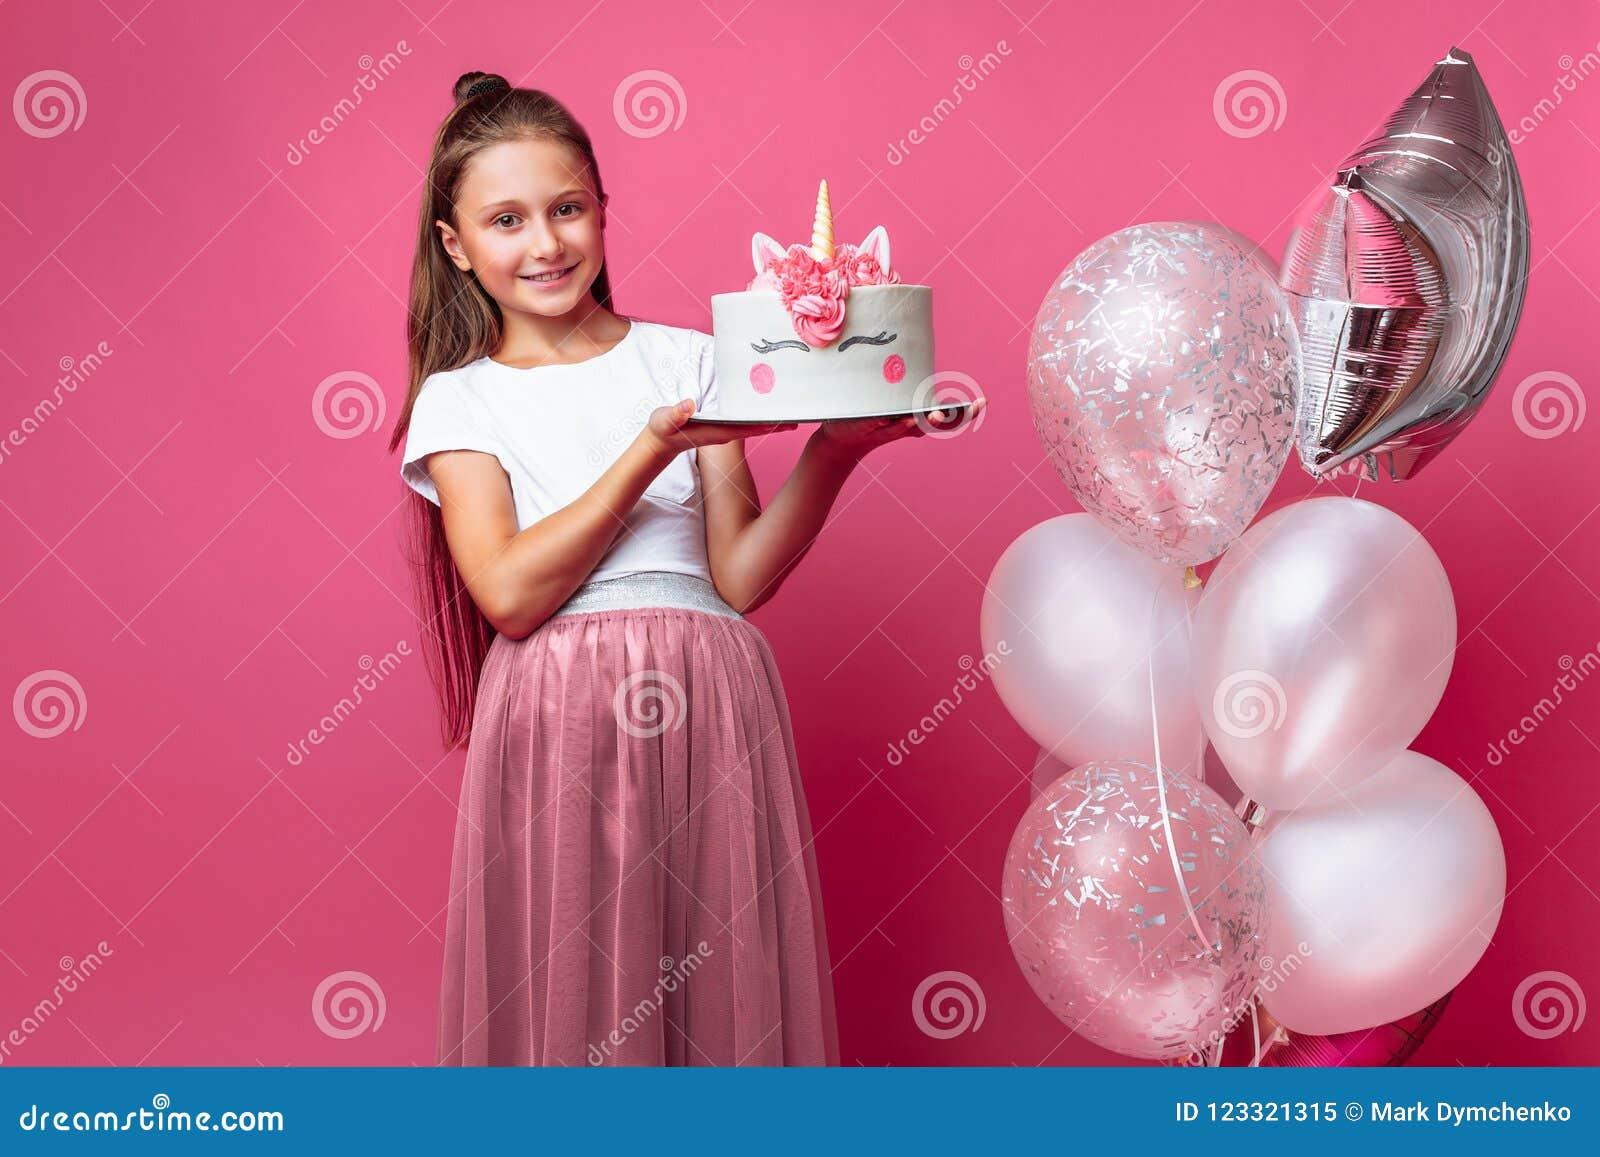 Menina com um bolo para um aniversário, no estúdio em um fundo cor-de-rosa, humor festivo